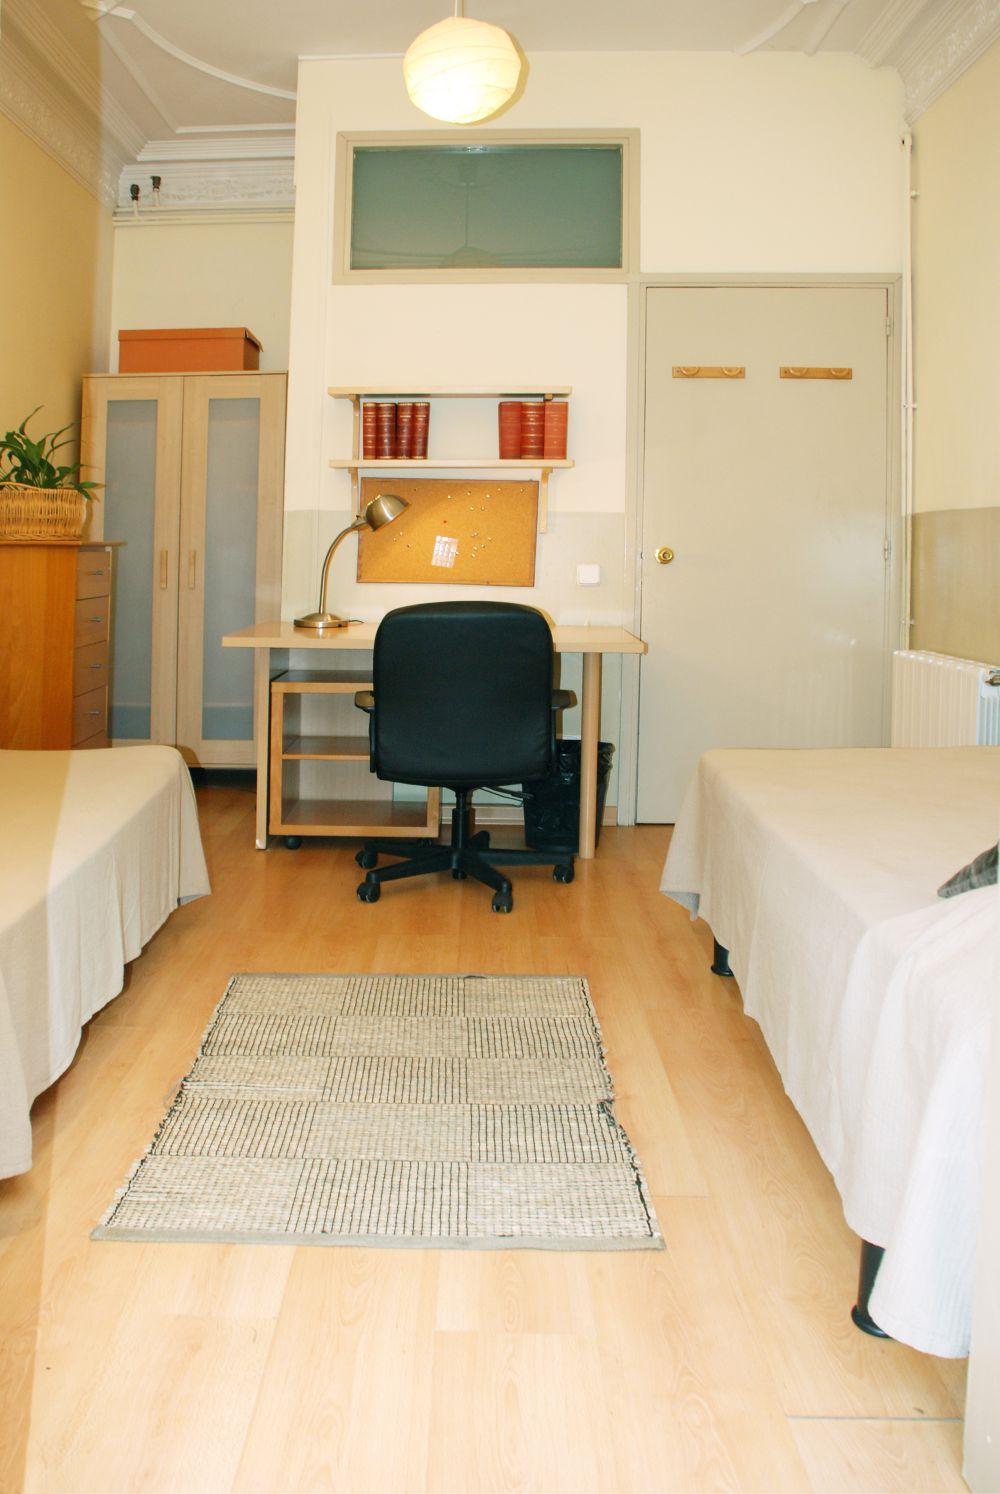 Residencia tico barcelona b b prenota ora for Adesso salon worcester ma